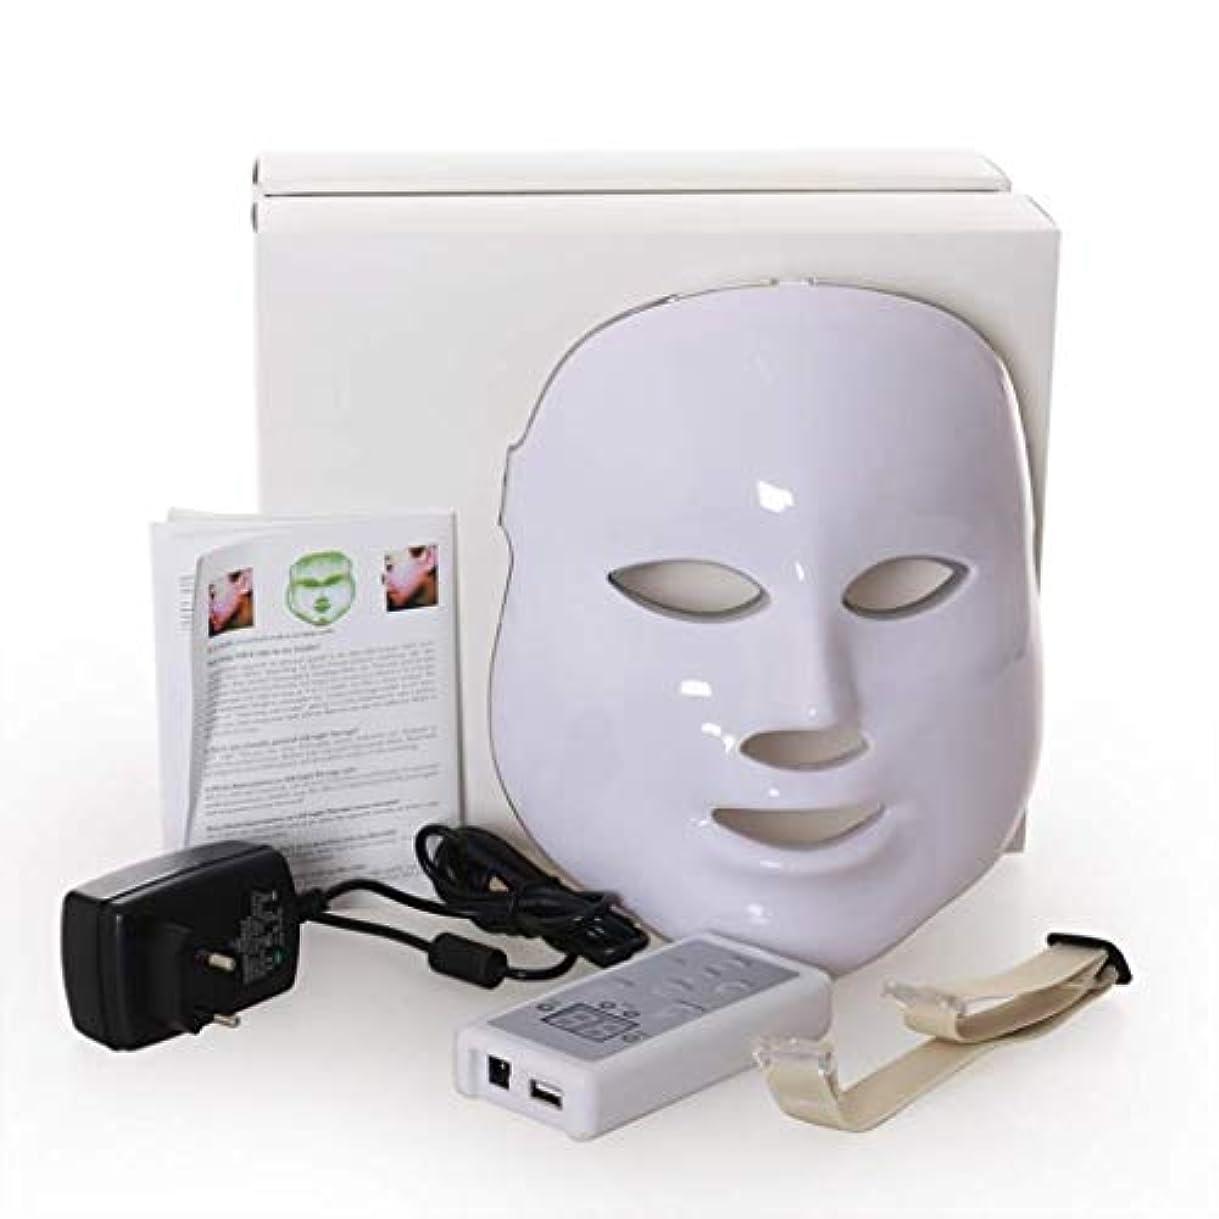 クレジット履歴書サワーフェイシャルビューティーインストルメント、7色LED光線療法フェイシャルスキンマスク、しわ、ニキビ、シミ、肌の若返りコラーゲン、アンチエイジングビューティーマスクを減らす